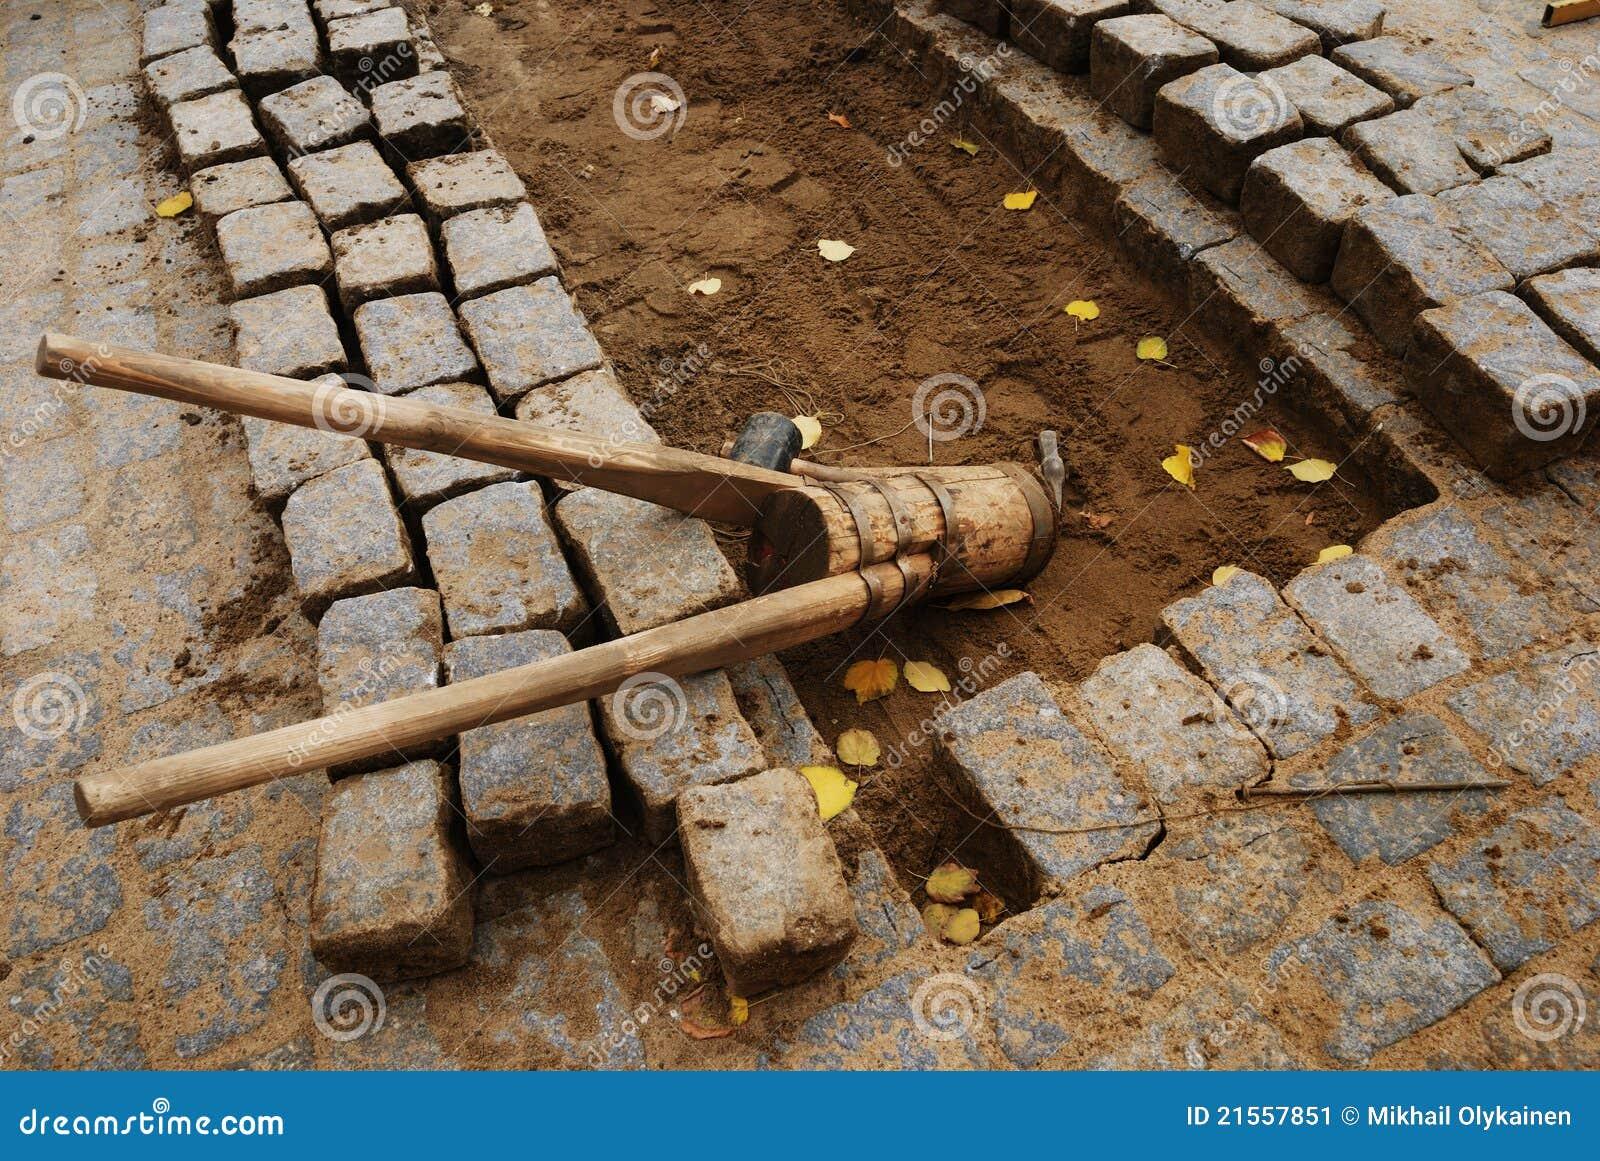 Piedras y herramientas para pavimentar imagen de archivo - Herramientas para piedra ...